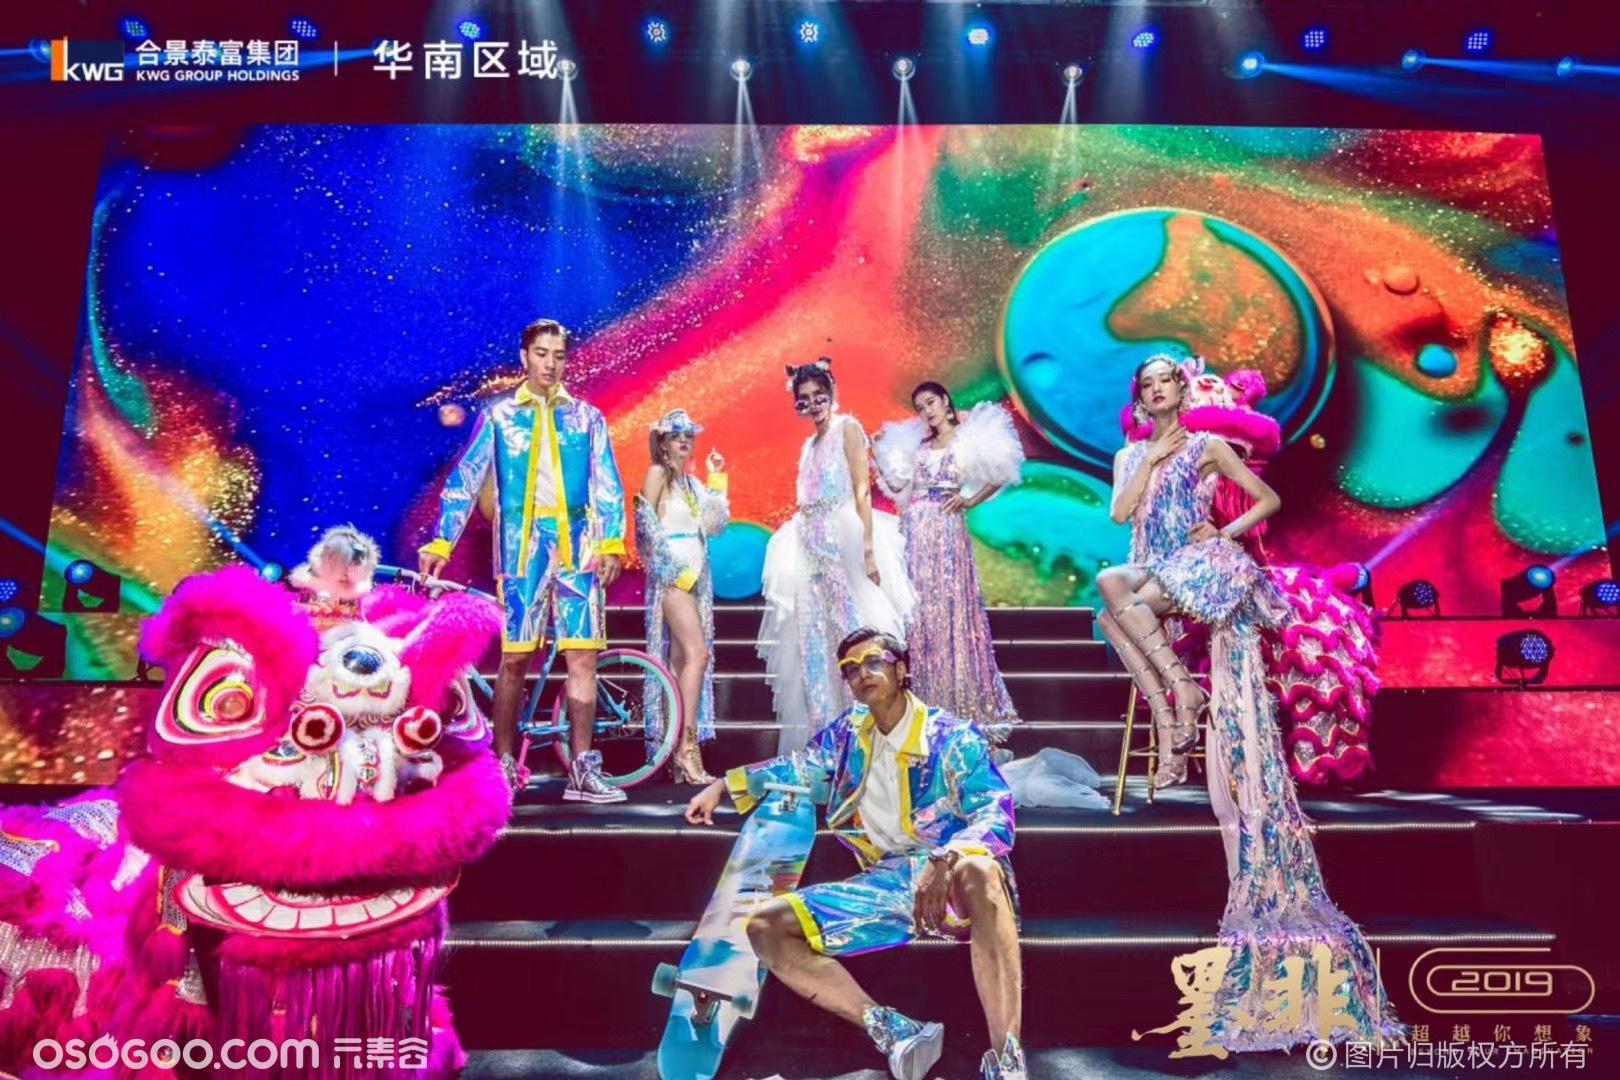 亚上文化-亚上礼服&幻彩时装